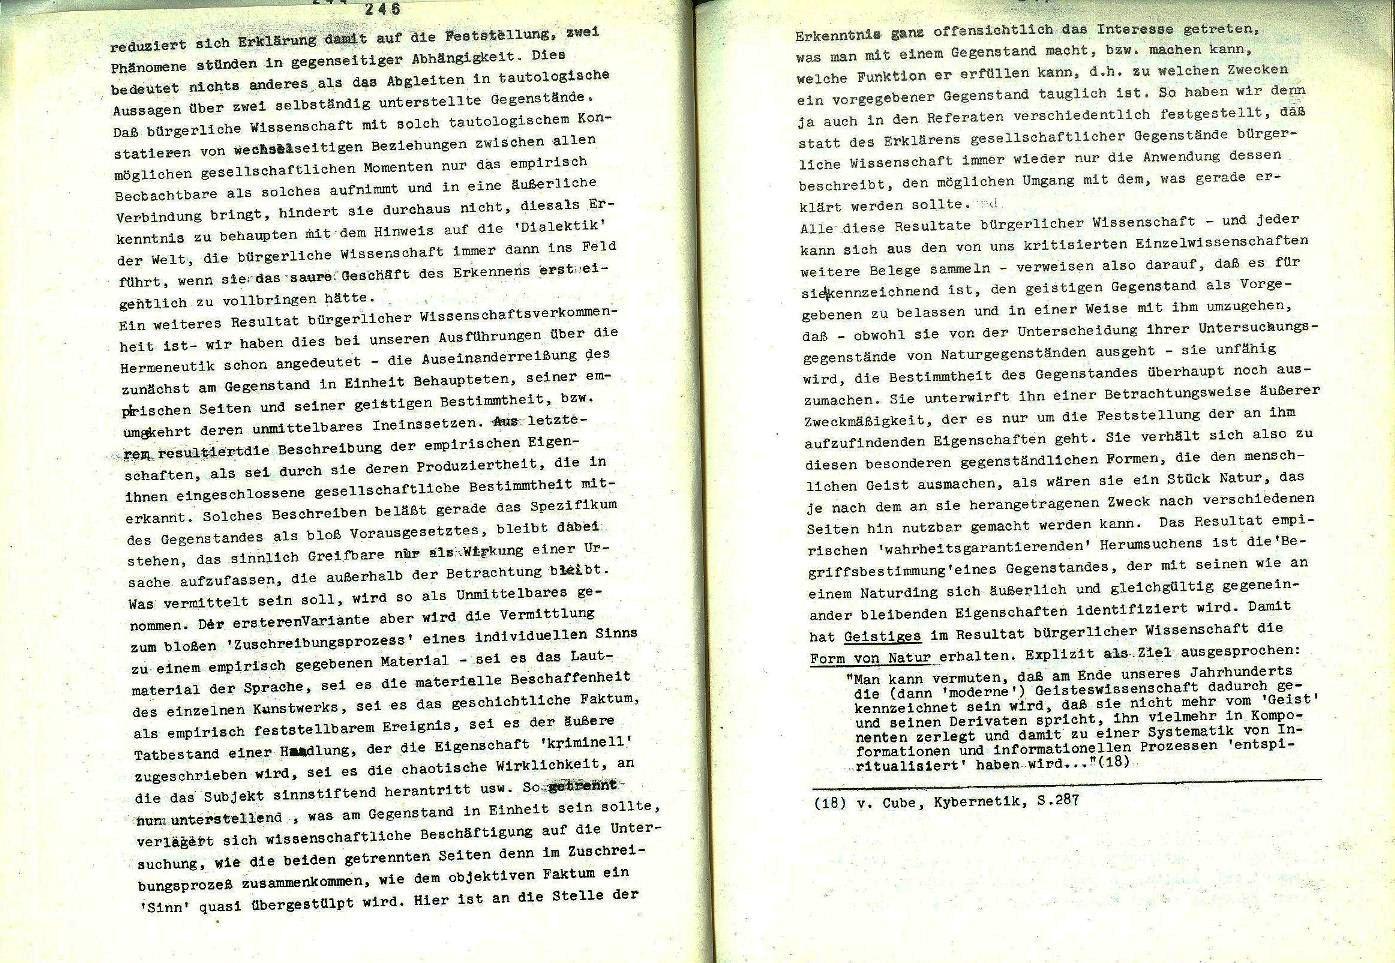 Muenchen_AK_Sozialistisches_Studium128